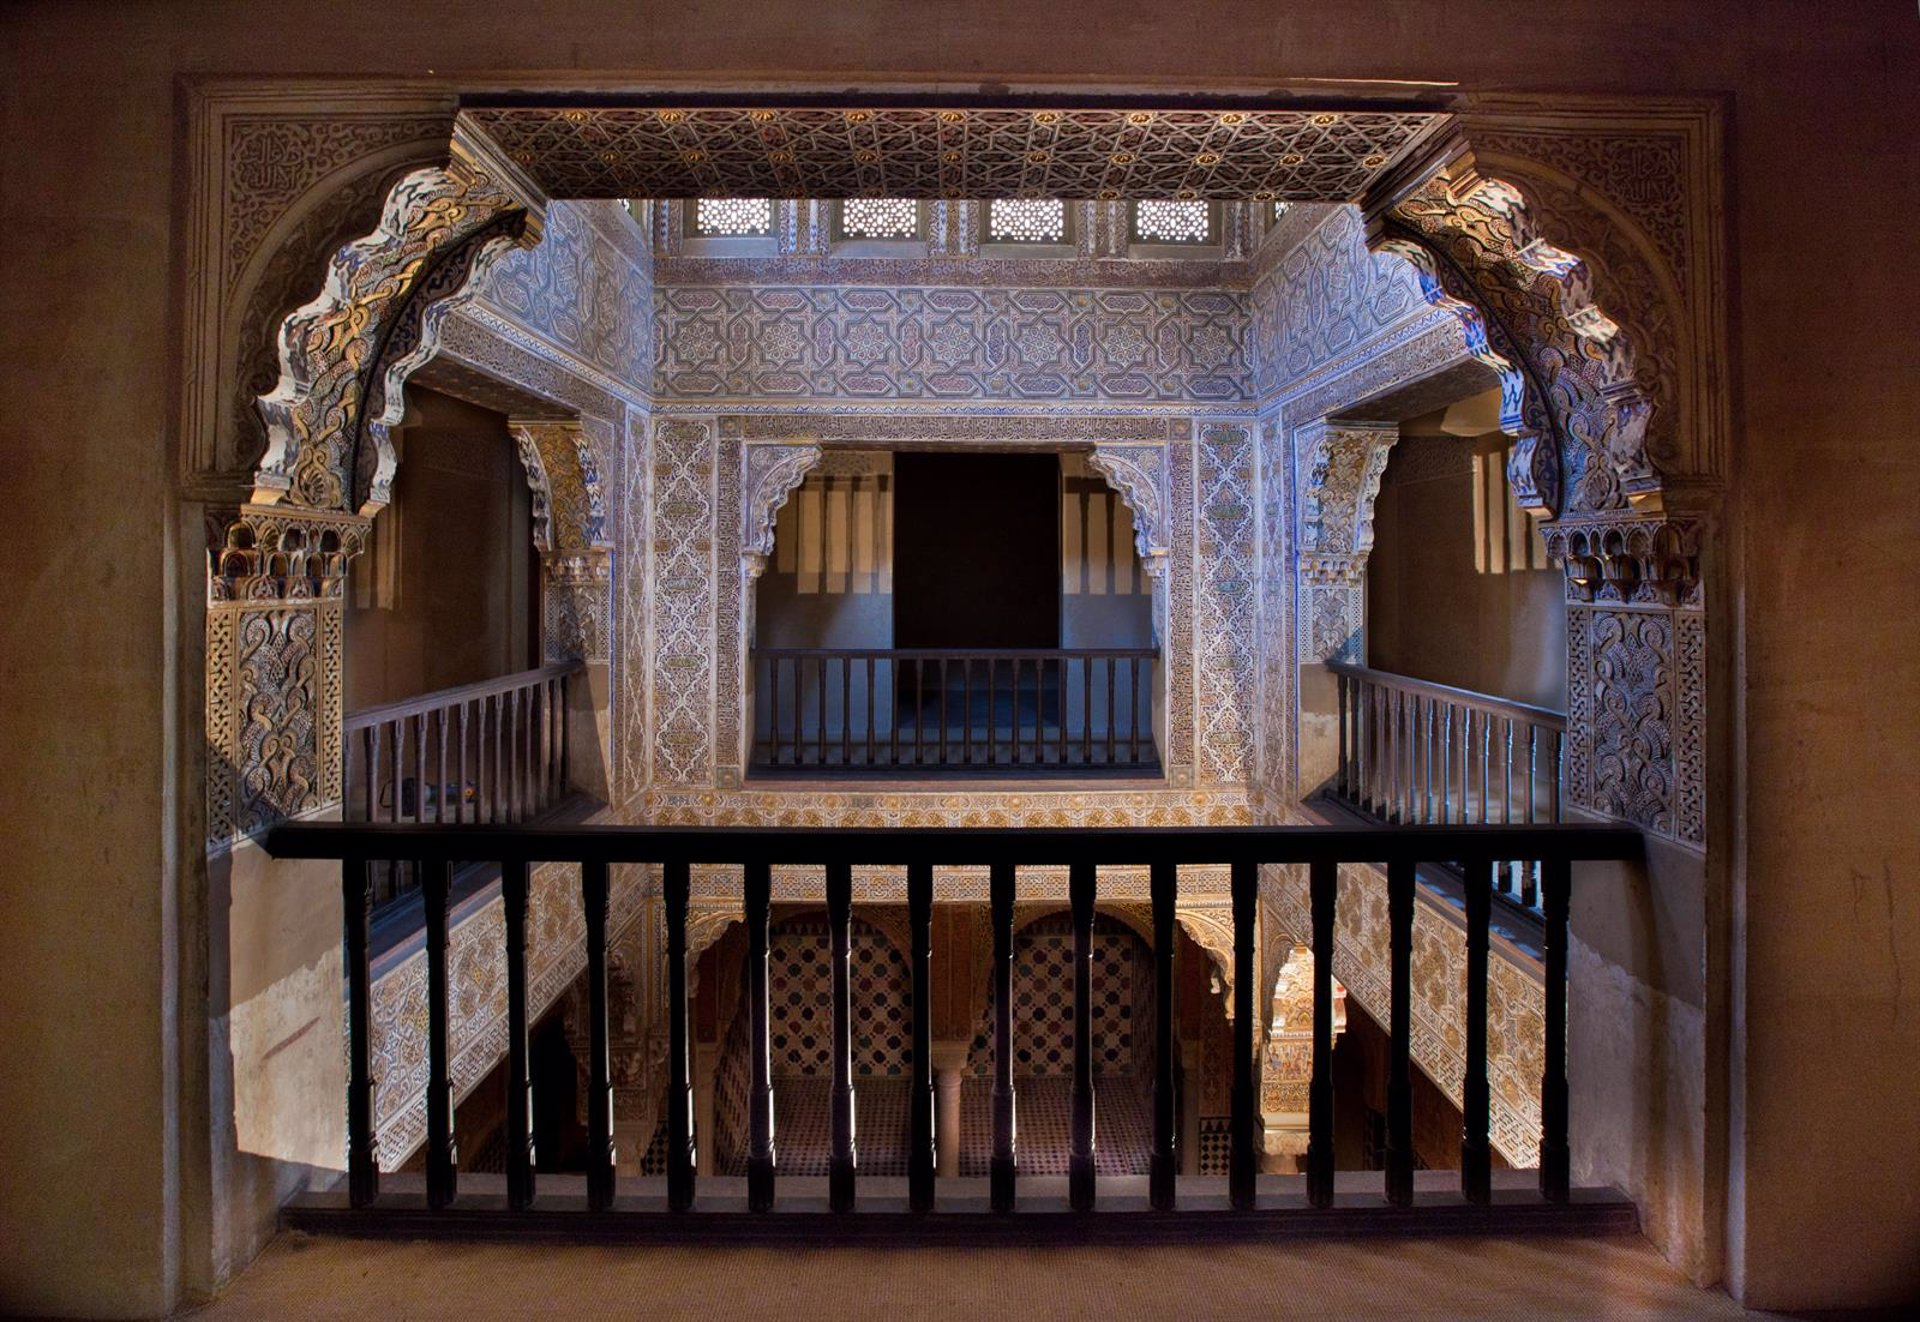 La mascarilla seguirá siendo obligatoria en los Palacios Nazaríes de la Alhambra desde este sábado